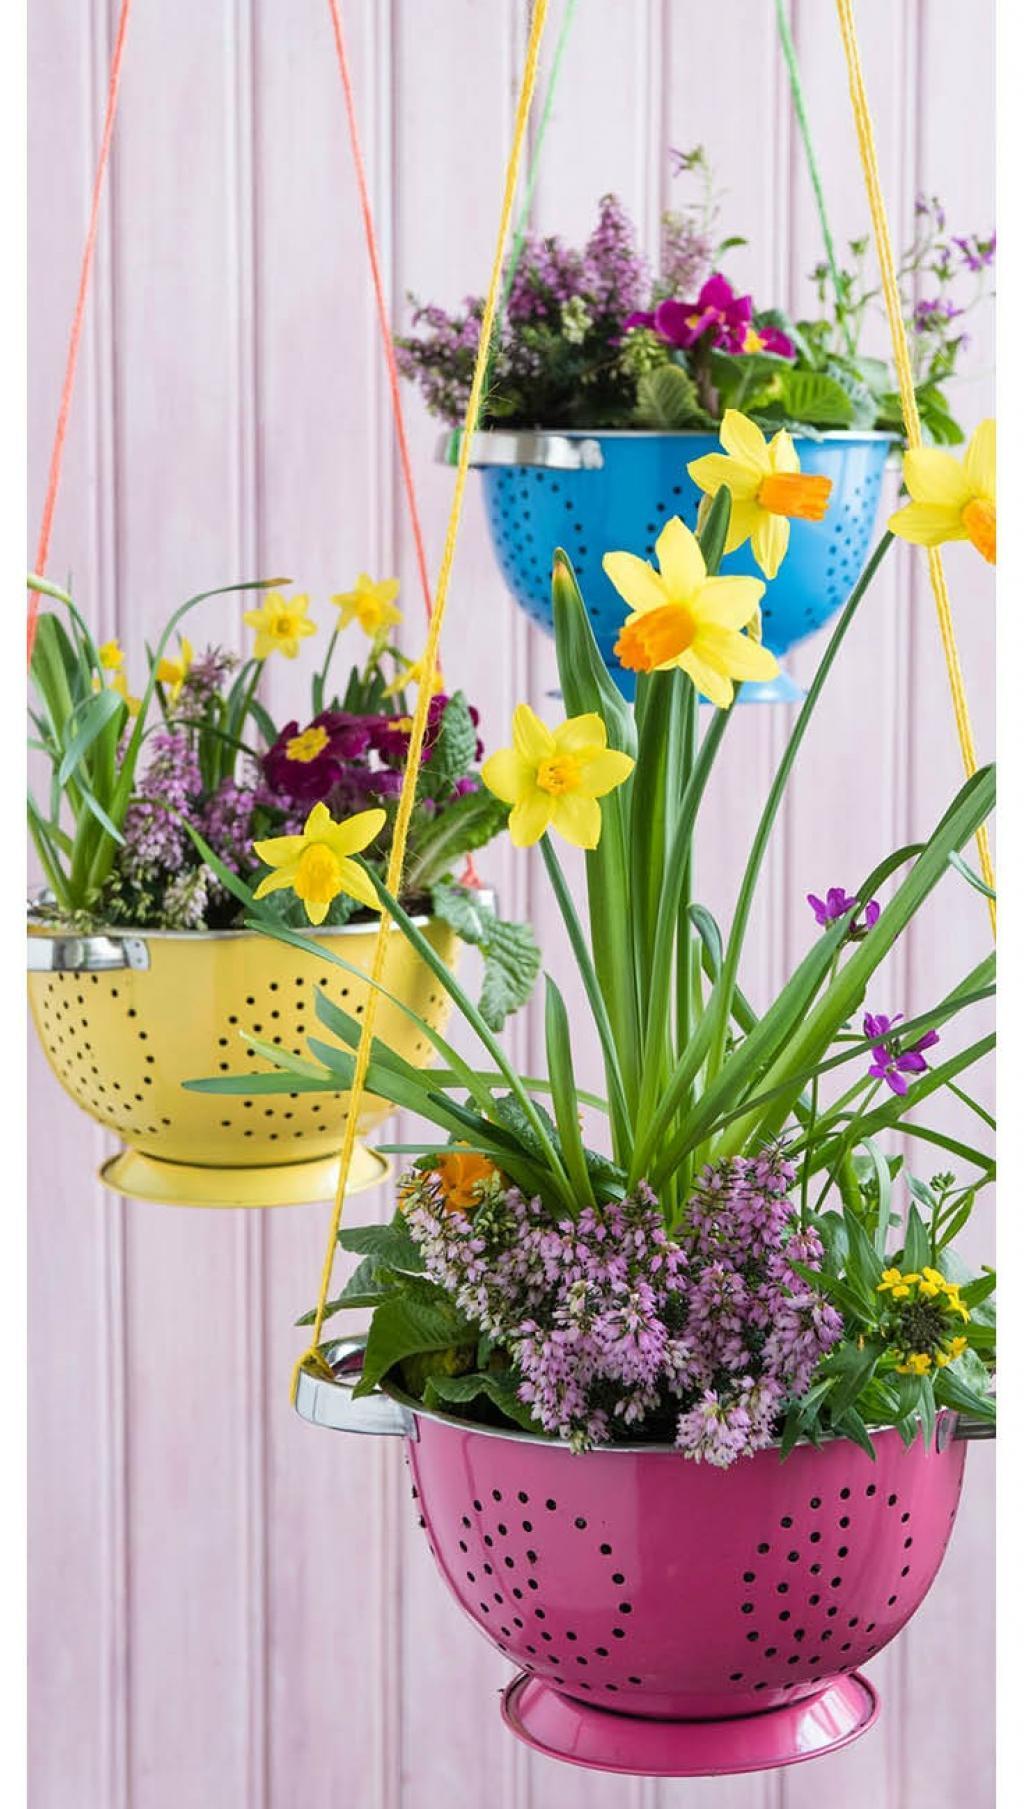 Décorer son jardin avec des accessoires de cuisine...beaucoup de style !